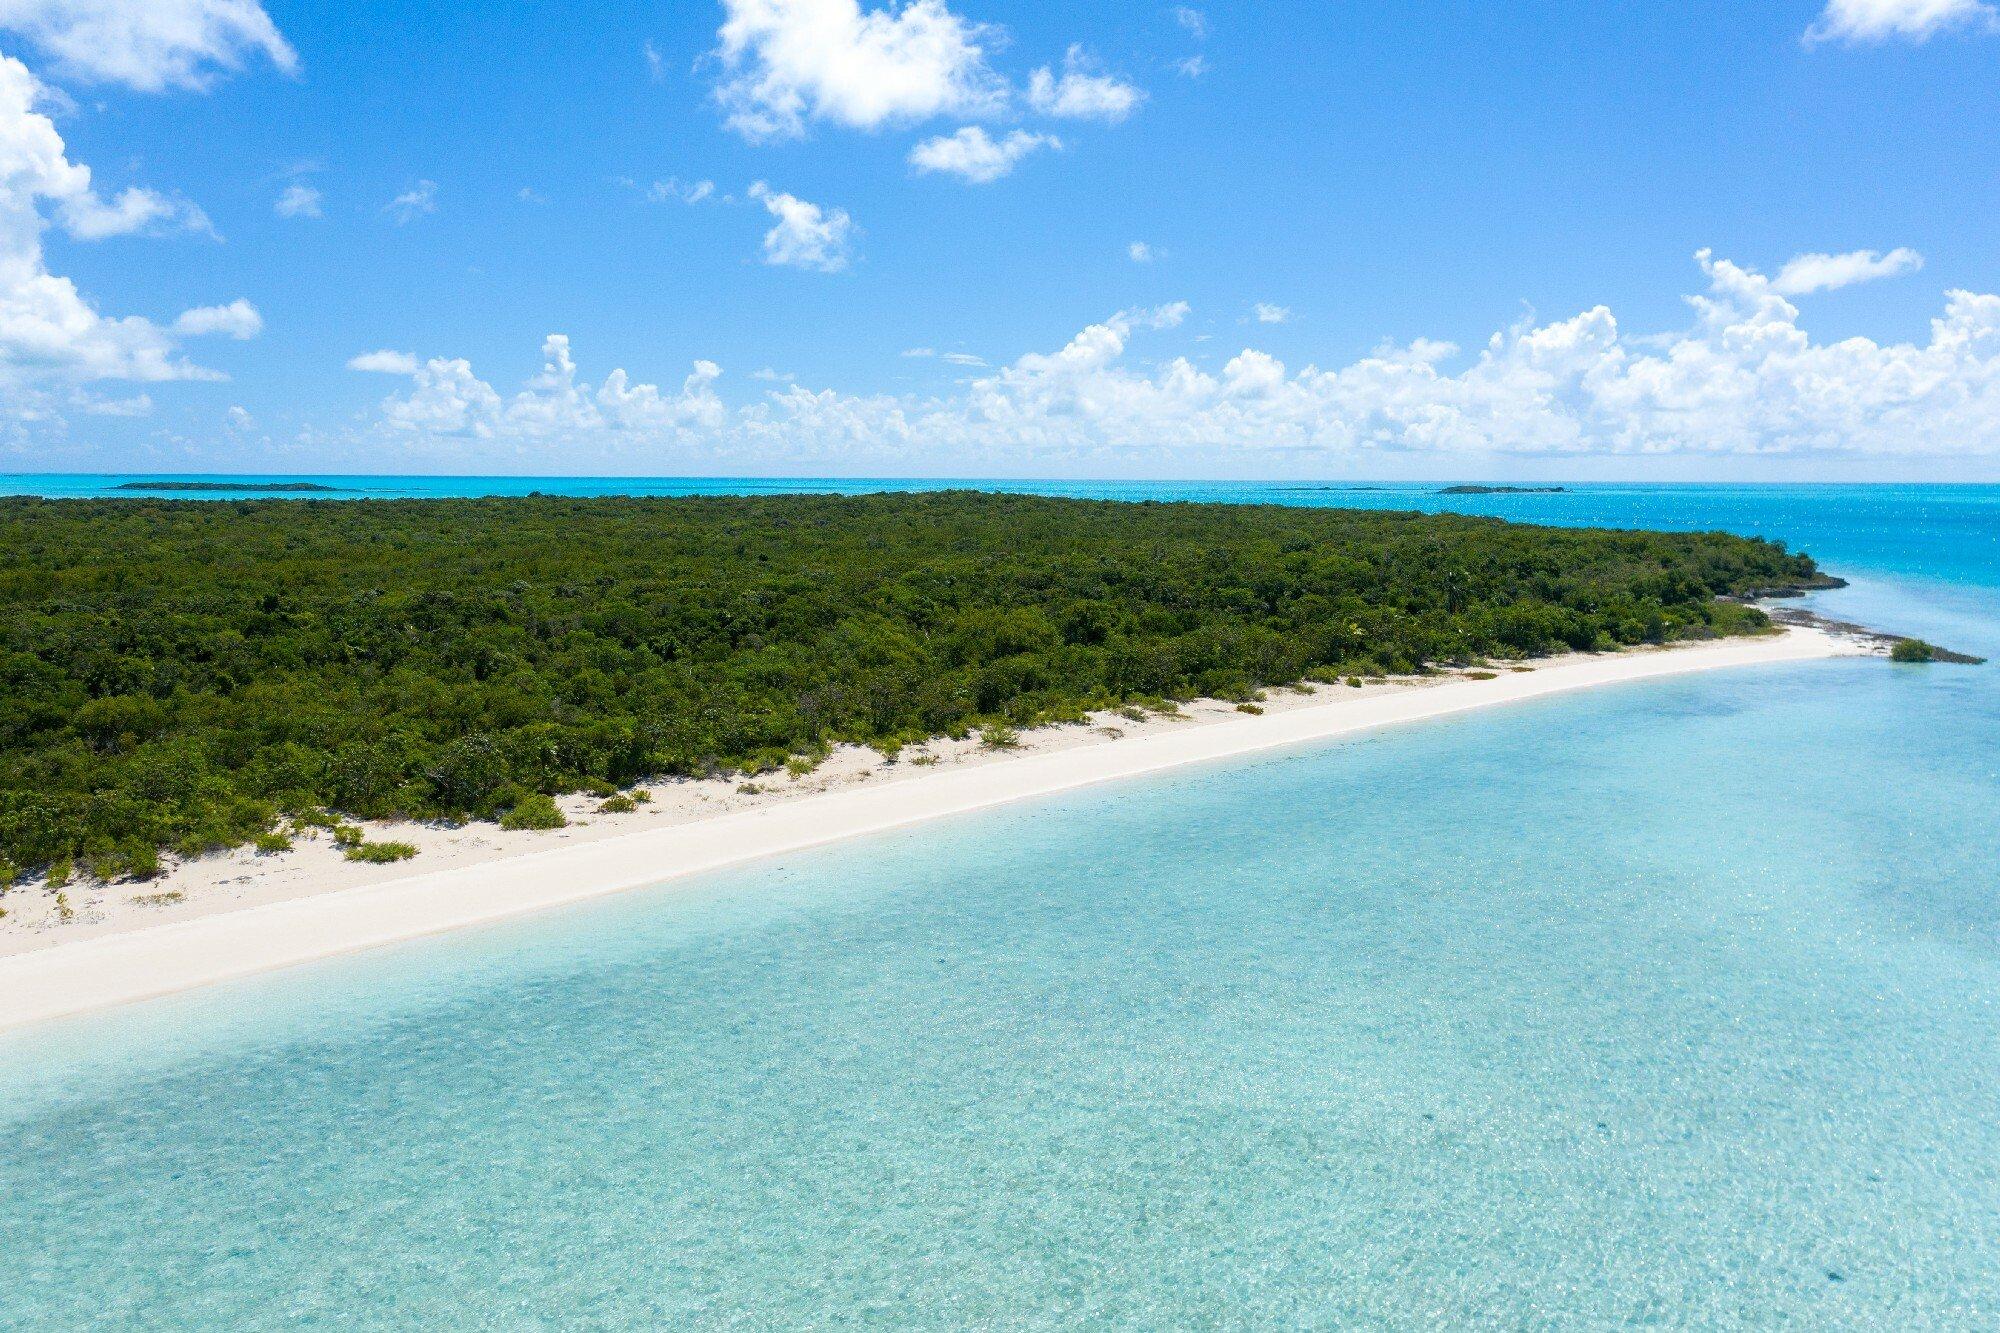 Частный остров в Хаммингберд Кей, Эксума, Багамы 1 - 11176407